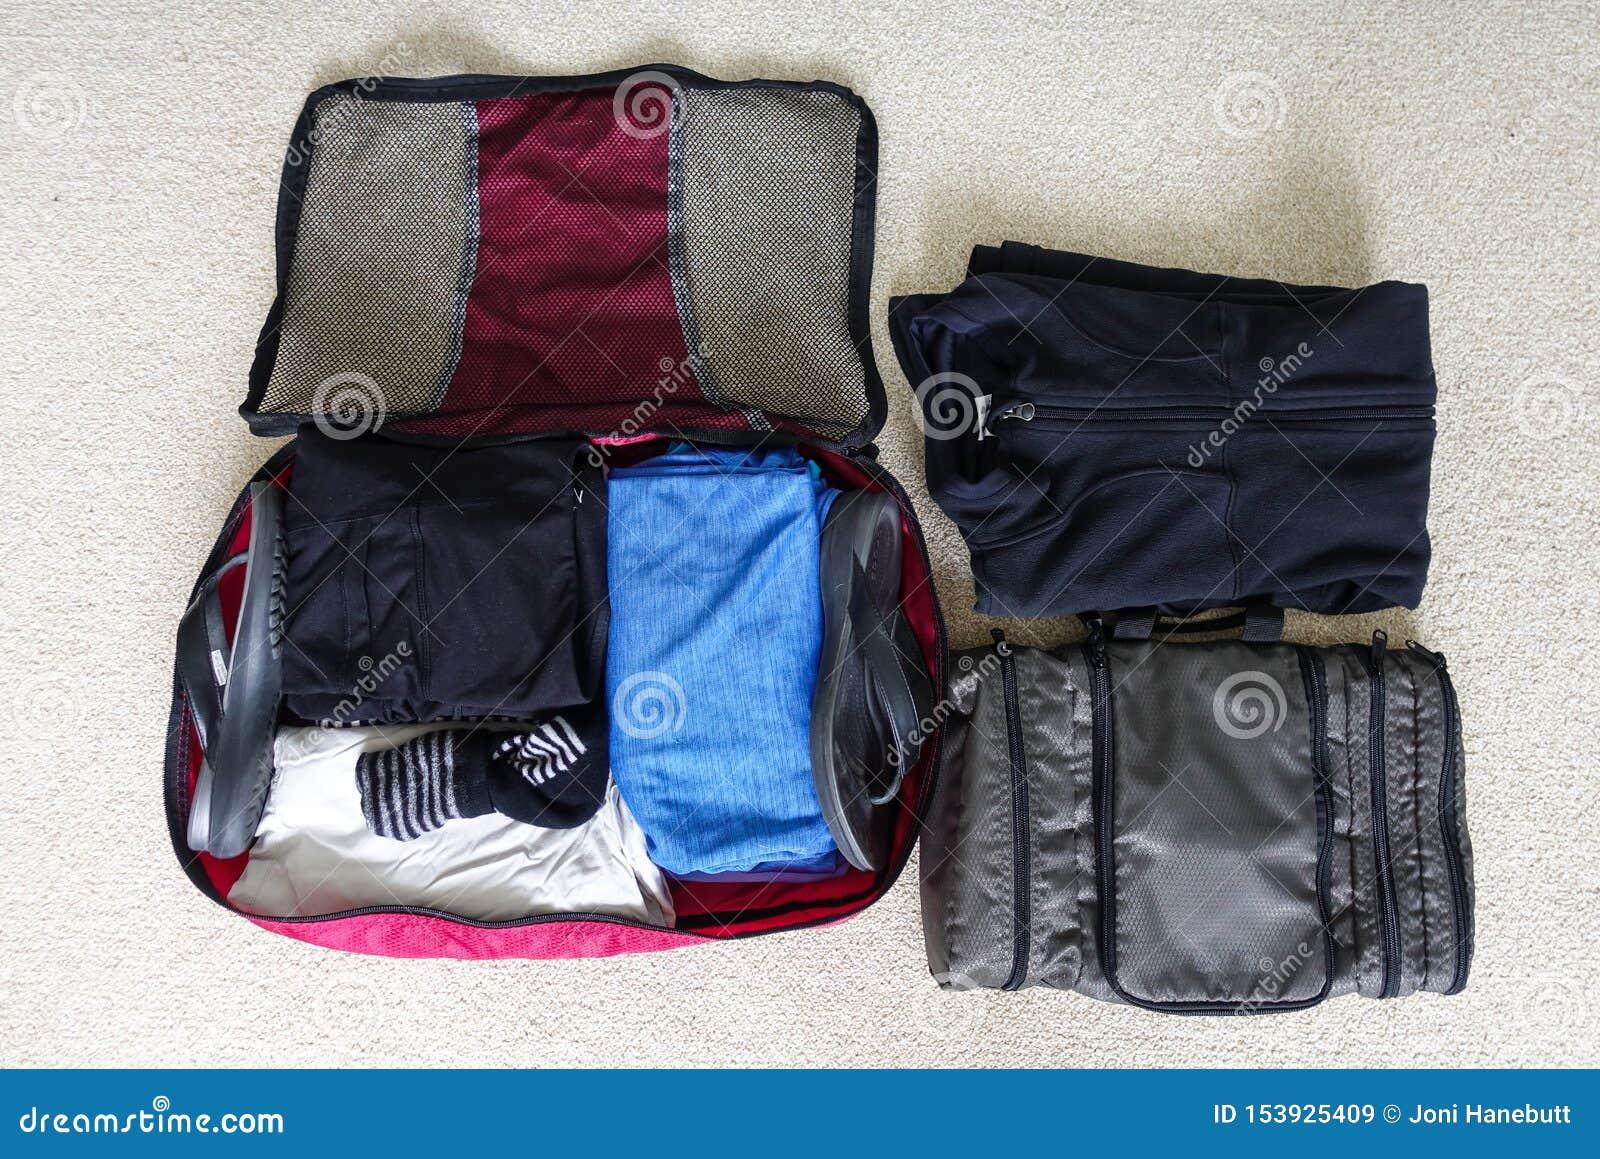 Inpackning för två - dag tur för tre natt till ett kallt väderområde